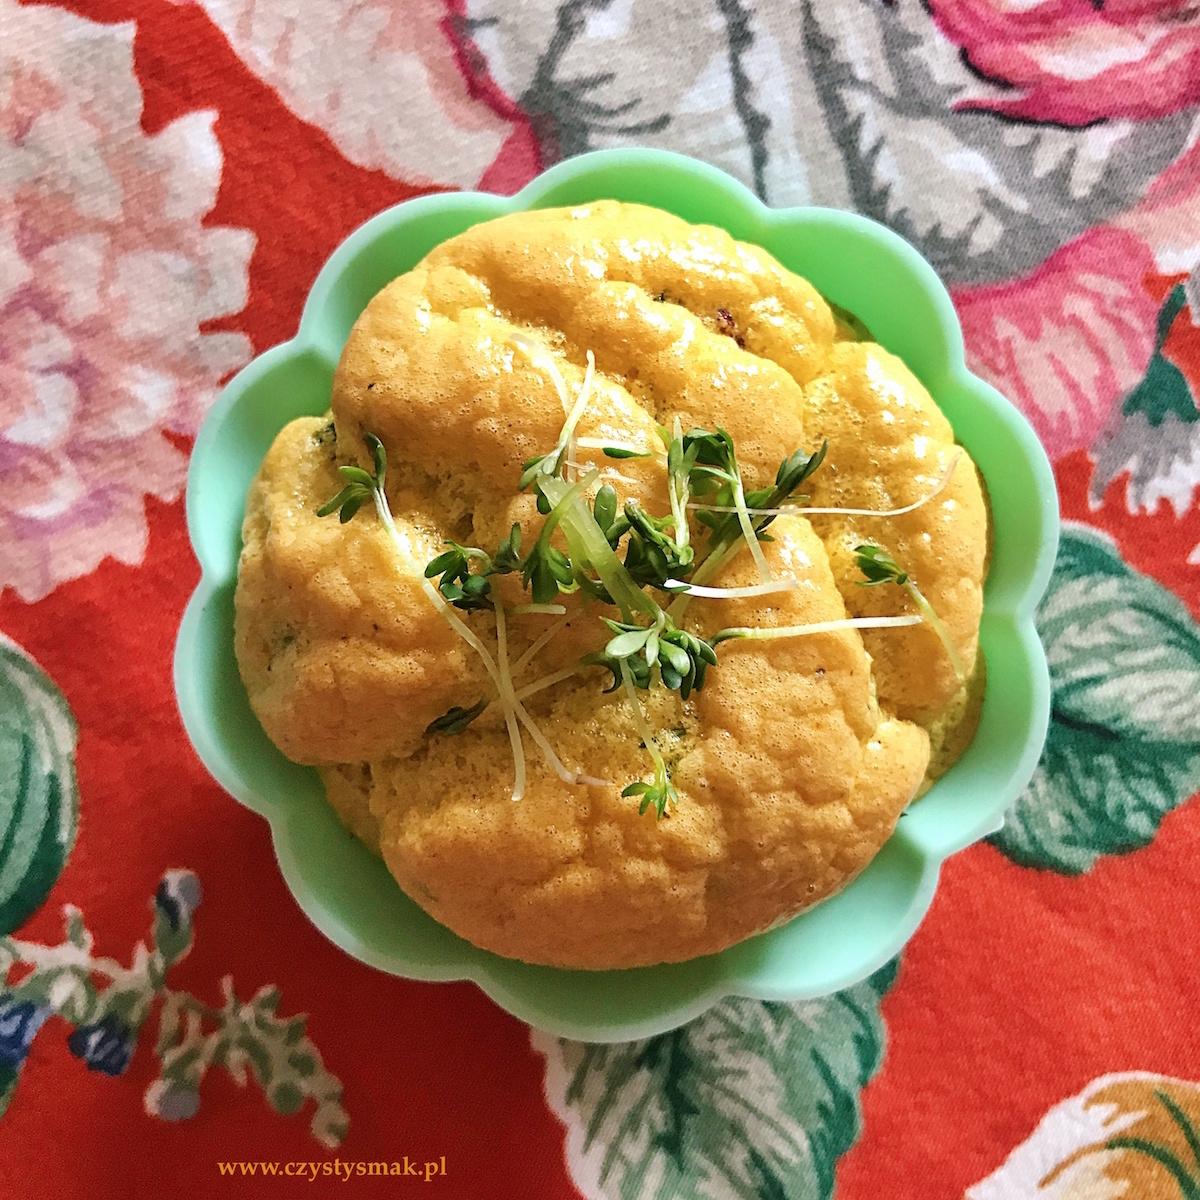 Wytrawne muffinki jajeczne